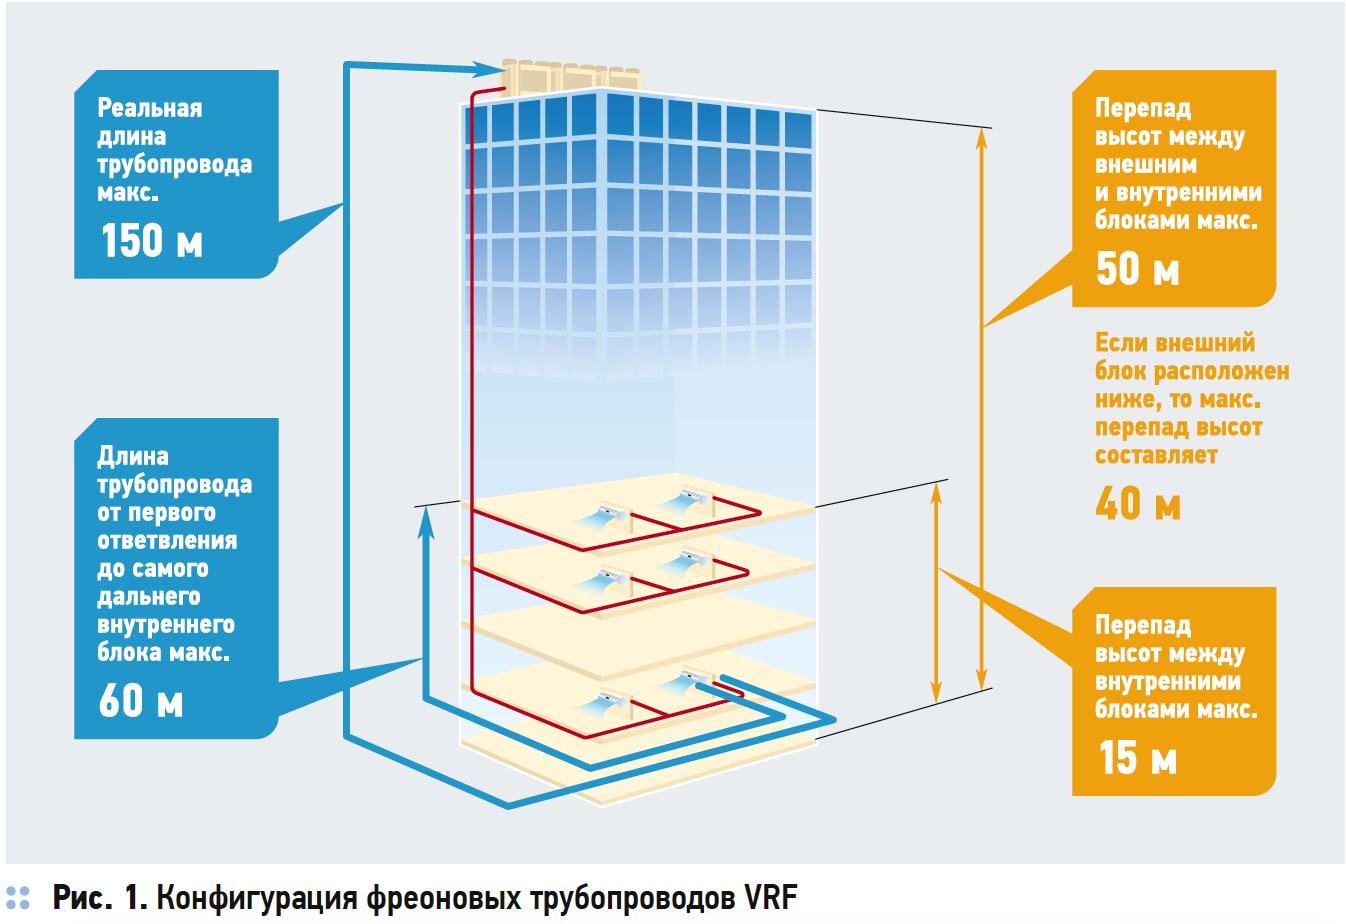 Конфигурация фреоновых трубопроводов VRF